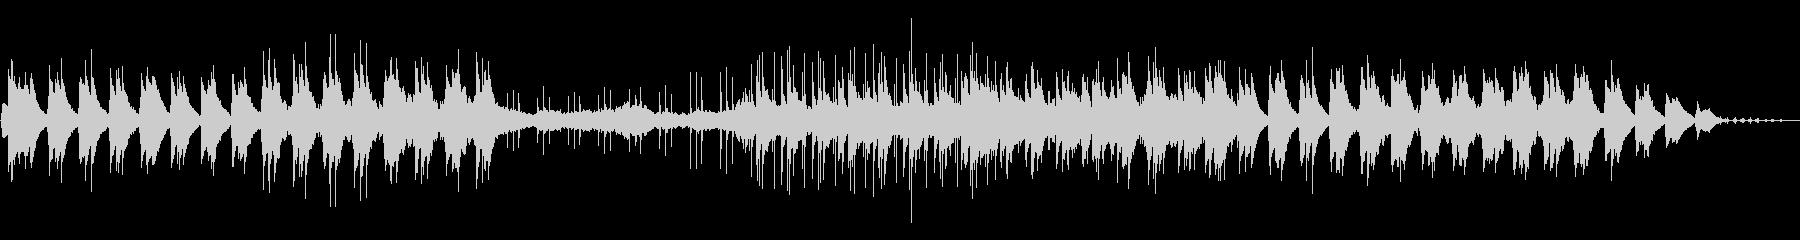 ピアノとストリングスのリゾート系バラードの未再生の波形